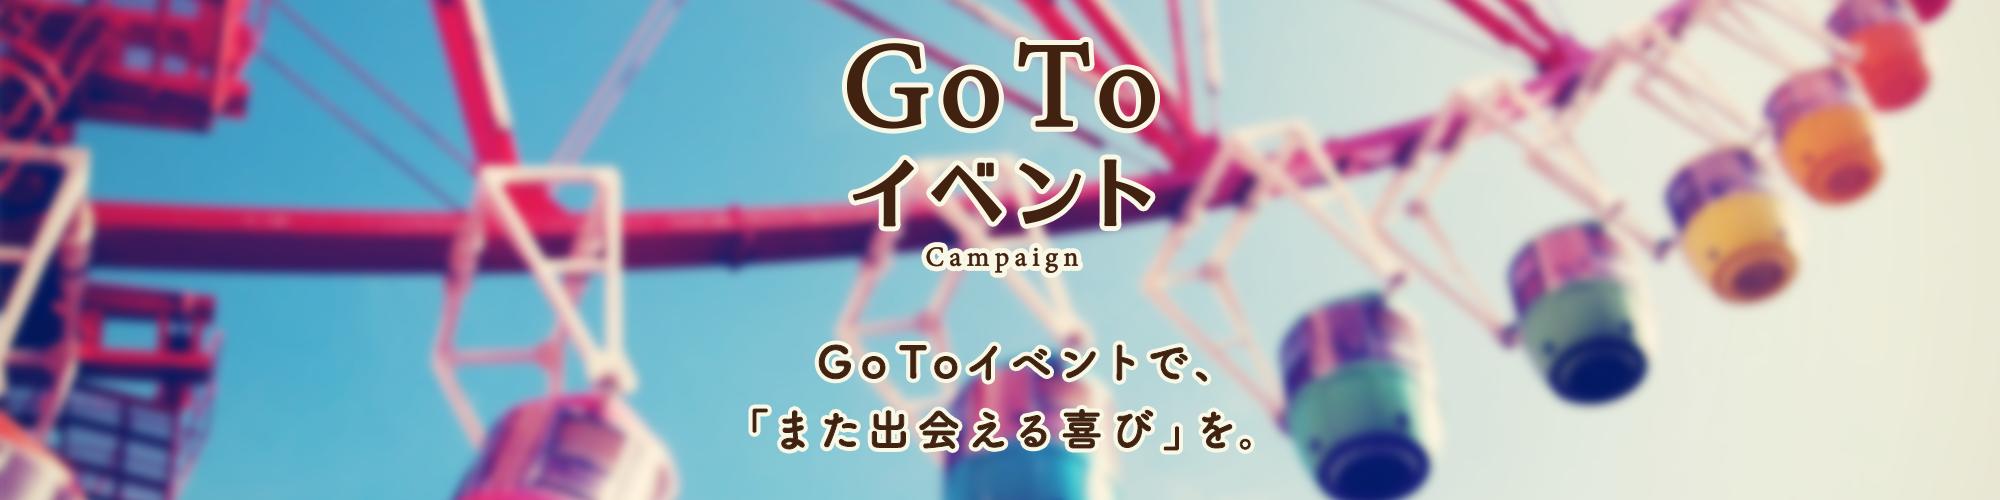 3分で解説!【GoToイベントキャンペーンとは?】要約と使い方まとめ。利用者が受けられる恩恵とは?